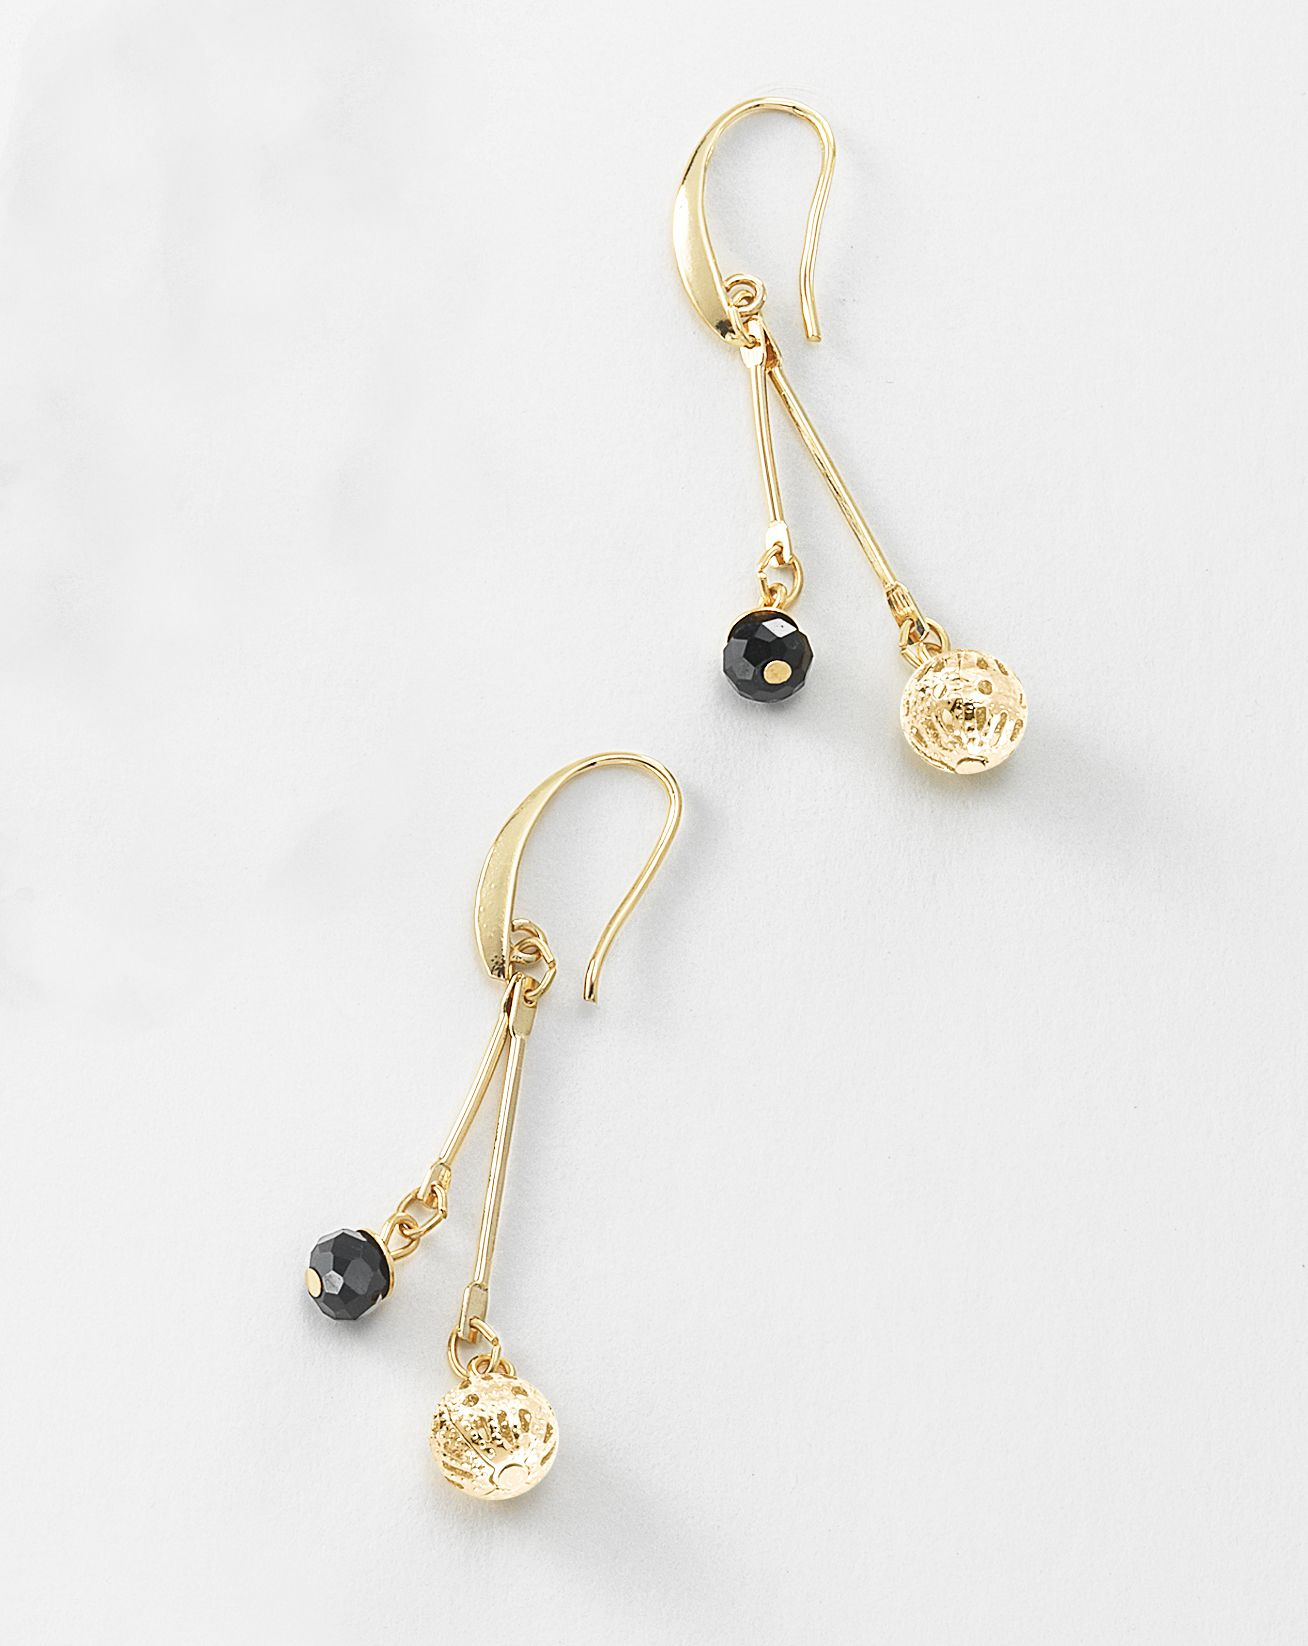 c4d8103de8f3 Aretes largos elaborados en 4 baños de oro de 18 Kl con piedras de cristal.